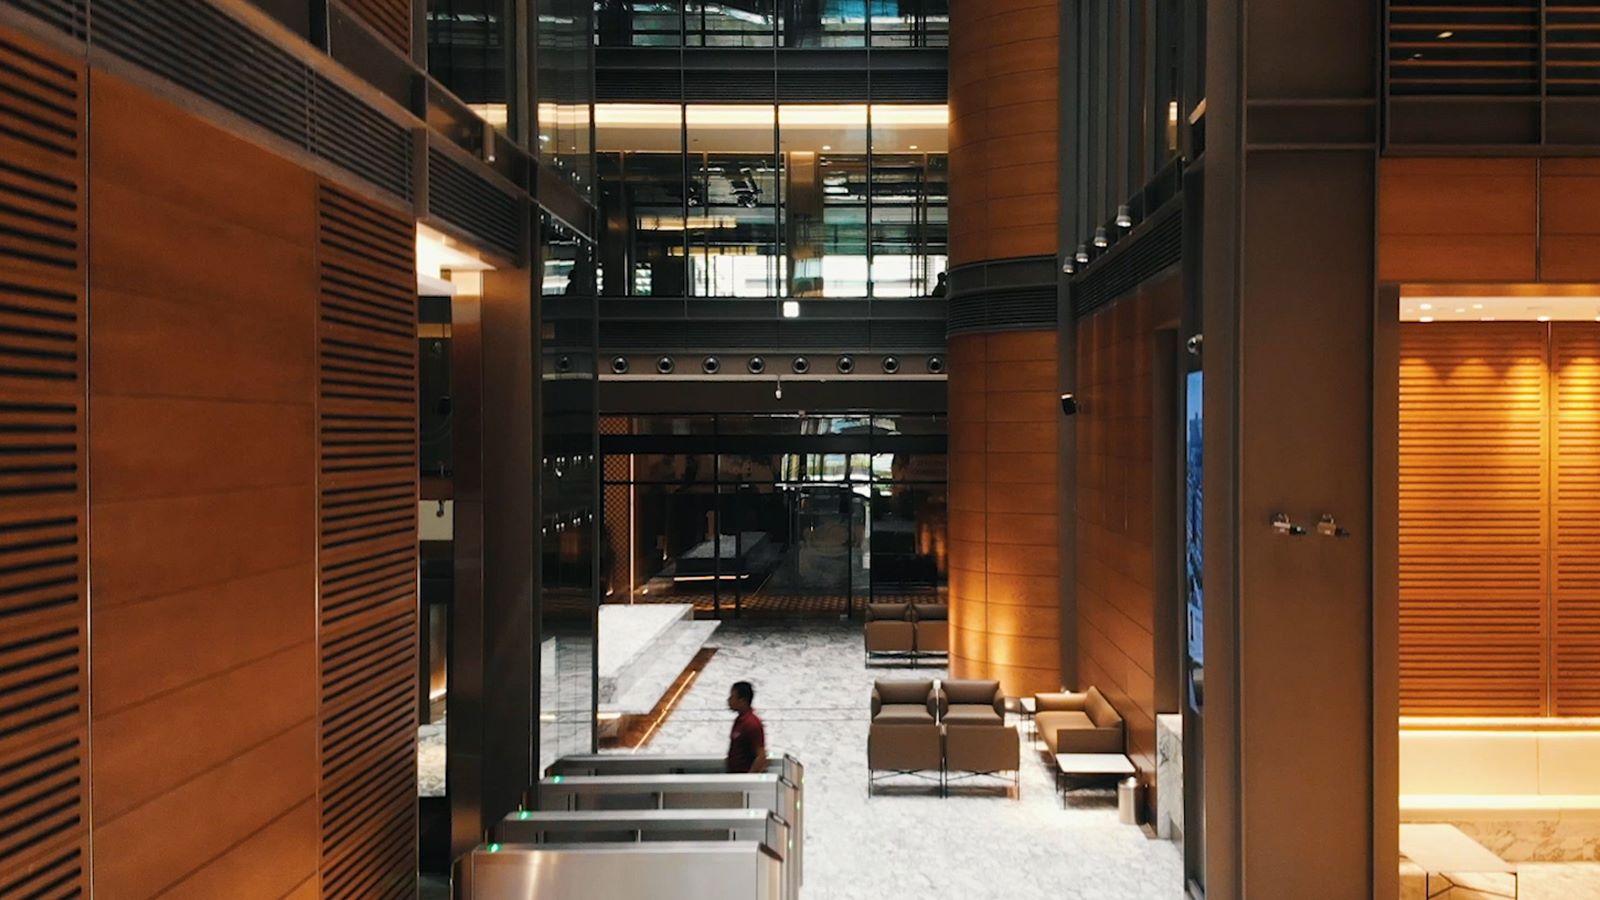 Dubai World Trade Centre Building Interior - Mace Group